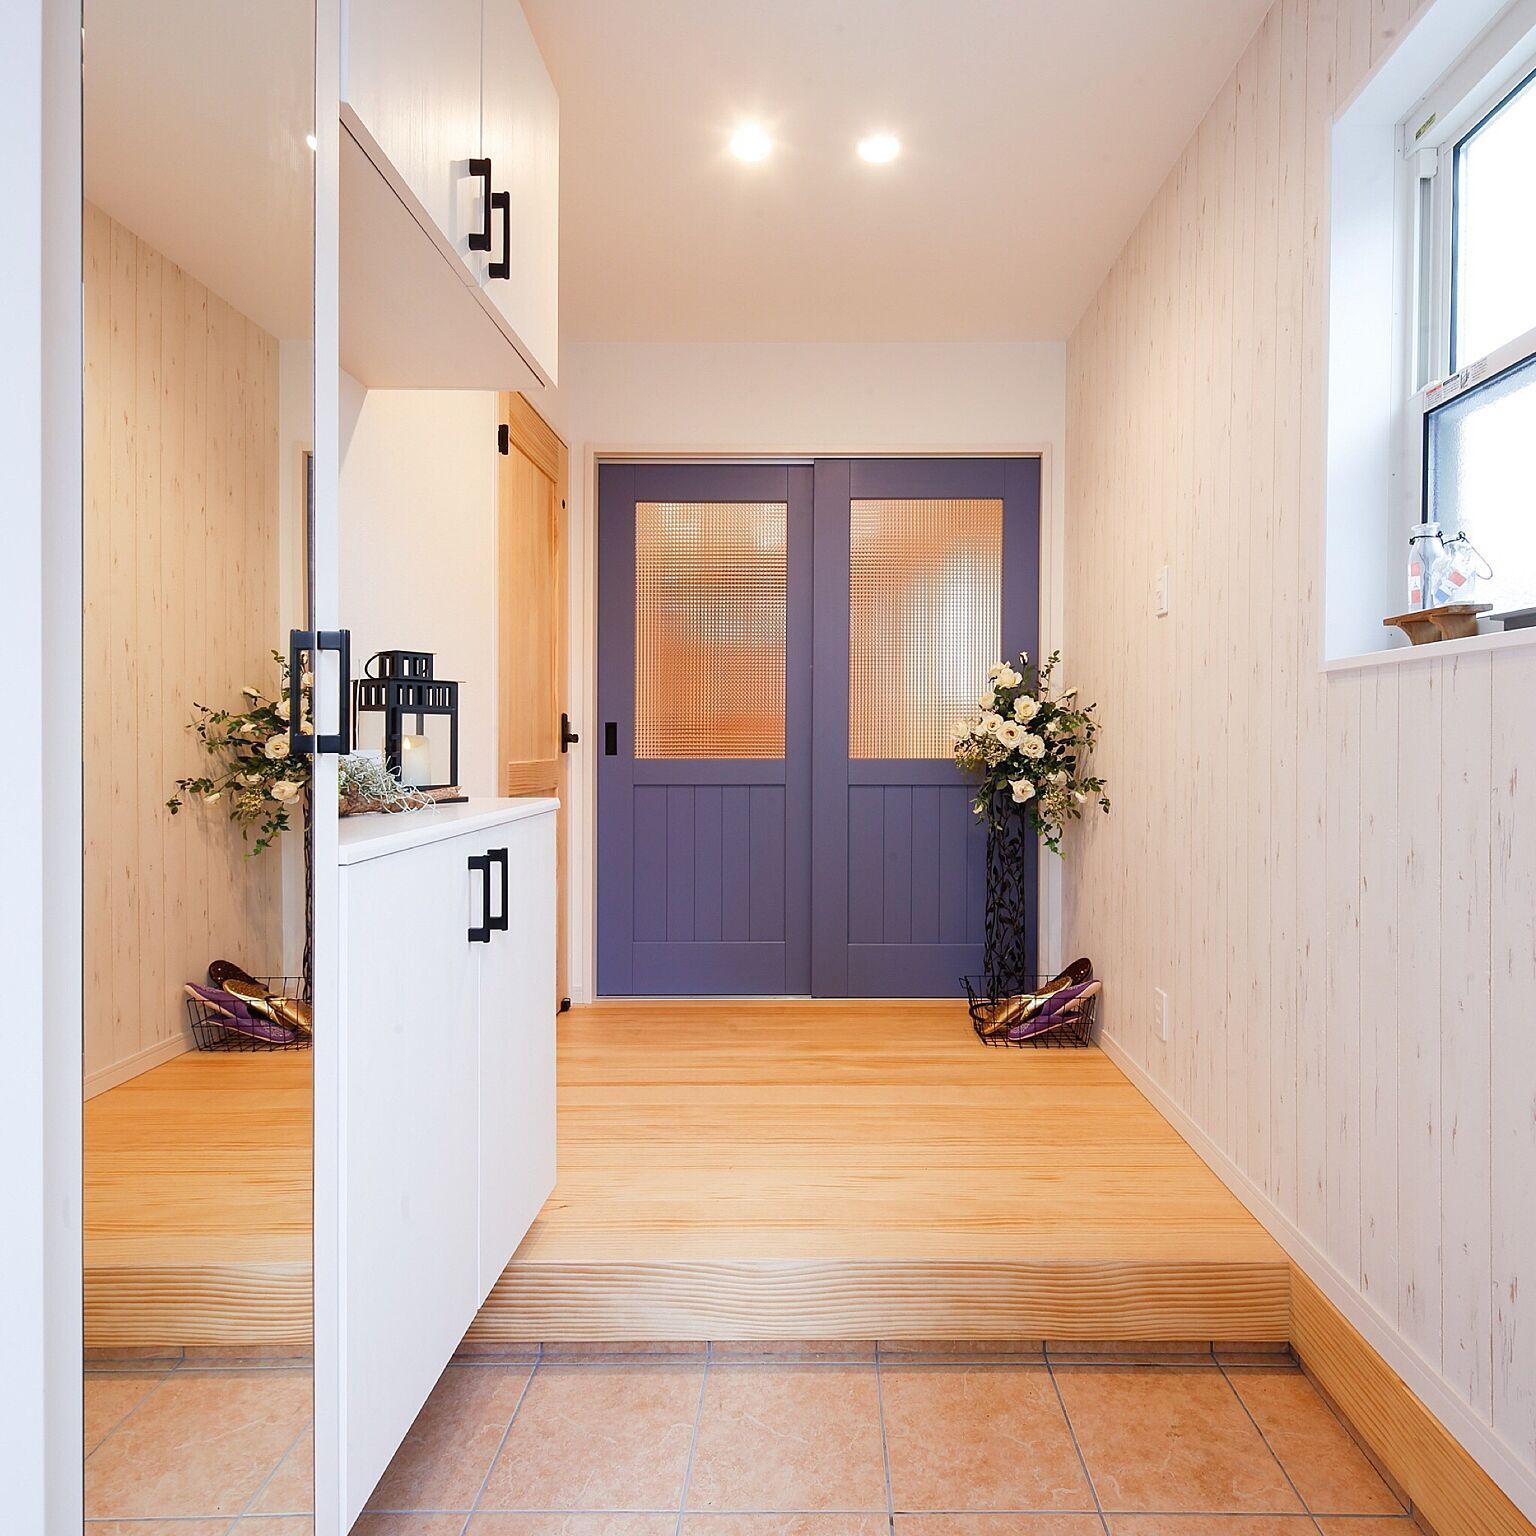 うらやましくなる うっとりする玄関 洗面所 廊下の実例 2020